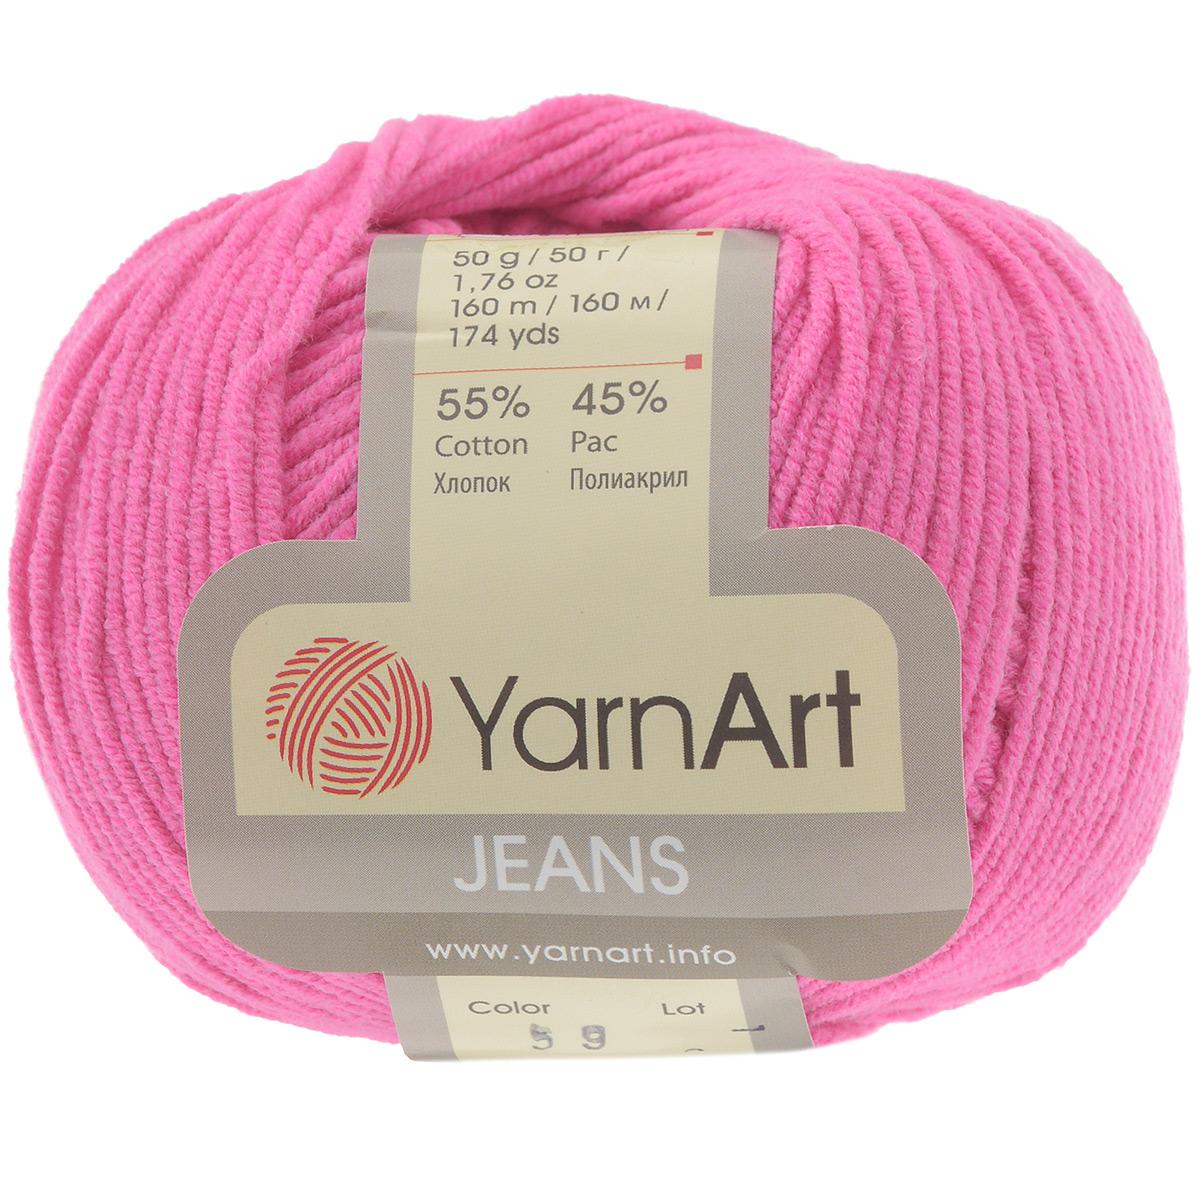 Пряжа для вязания YarnArt Jeans, цвет: темно-розовый (59), 160 м, 50 г, 10 шт372001_59Тем, кто ценит в вязаных изделиях в первую очередь прочность и долговечность в носке, рекомендуем турецкую пряжу YarnArt JEANS. Особенность технологии изготовления этой пряжи, в составе которой хлопок с акрилом в соотношении 55 на 45%, состоит в нежёстком кручении нити, в результате чего нить становится очень удобной для вязки, поскольку не распадается на отдельные волокна. Пряжа мягкая на ощупь, а благодаря содержанию волокон акрила изделия из неё не сминаются. И после многократных стирок изделия из YarnArt JEANS отлично сохраняют внешний вид, что очень важно для вязаных изделий детского ассортимента. Цветовая гамма пряжи YarnArt JEANS очень богатая, вы можете пополнить свой гардероб изделиями из неё на любой сезон: джемпером, жакетом, свитером и другими полезными и оригинальными вещами, которые прослужат вам и вашим близким очень долго и не создадут трудностей в уходе за ними. Рекомендуется для вязания на крючках и спицах 3,5 мм. Состав: 55% хлопок, 45%...